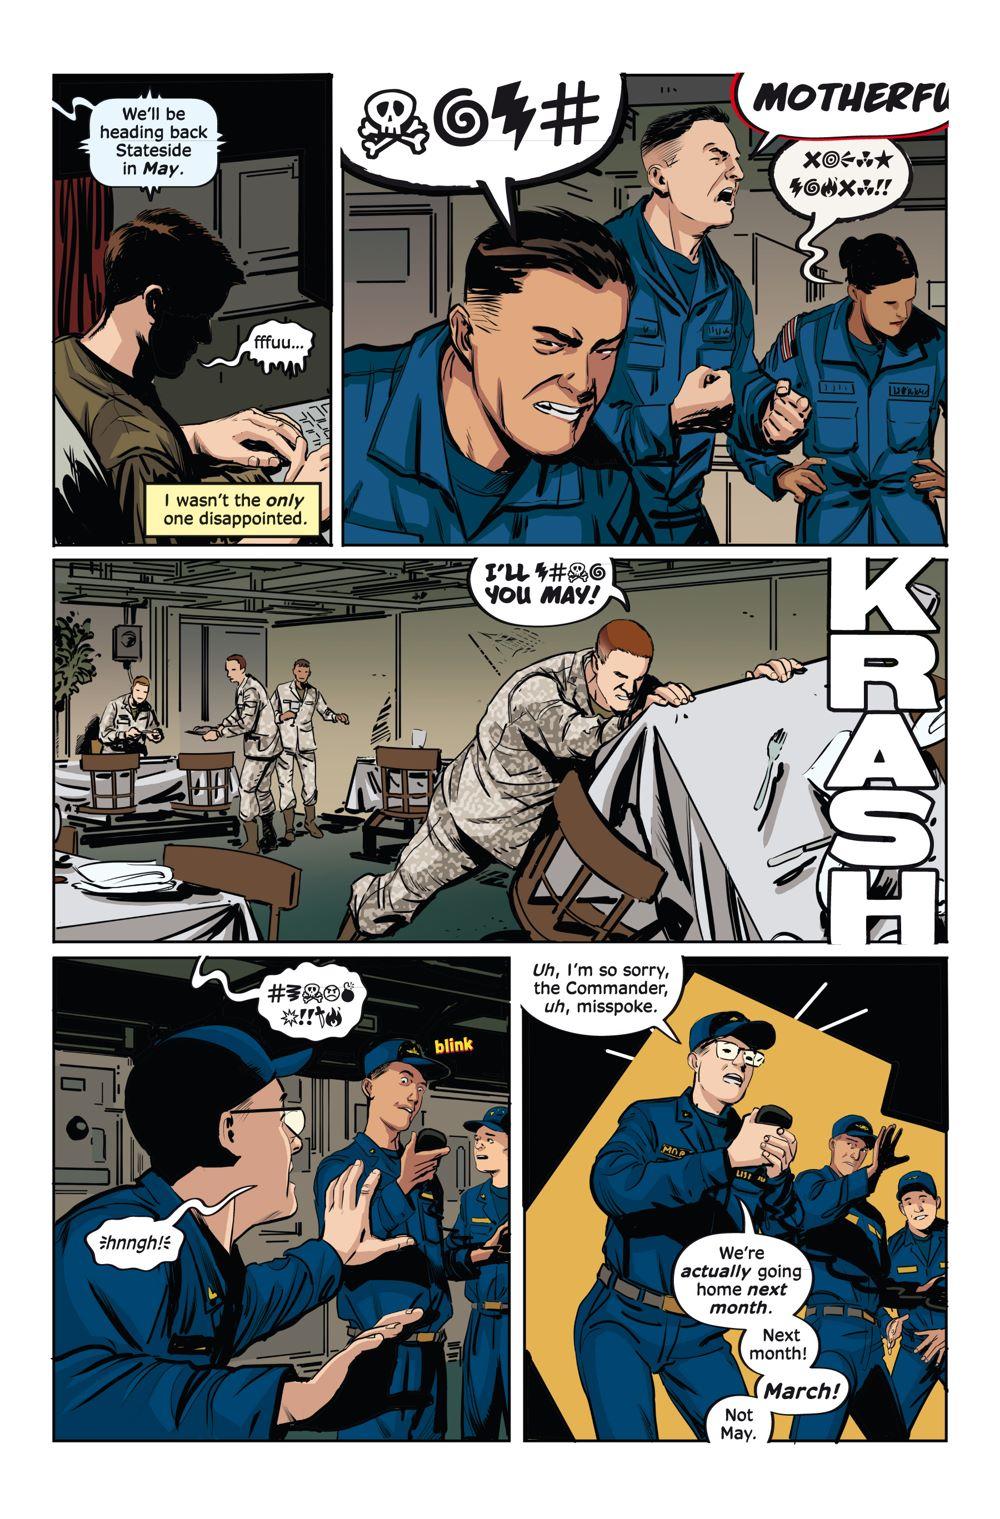 044e08ee-edf2-4aca-a989-7e5d659dae7a TRUE WAR STORIES to debut in comic shops on November 25